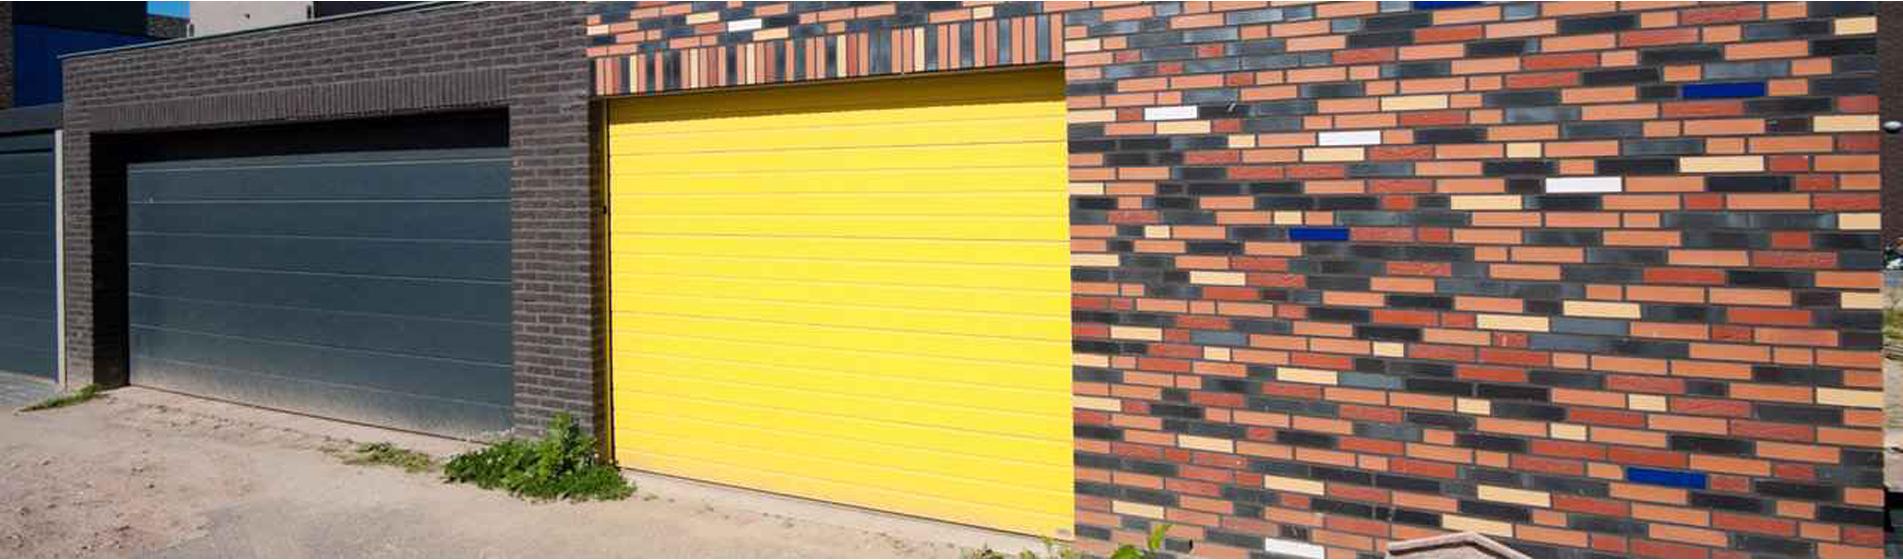 acquérir porte de garage enroulable 84 Vaucluse